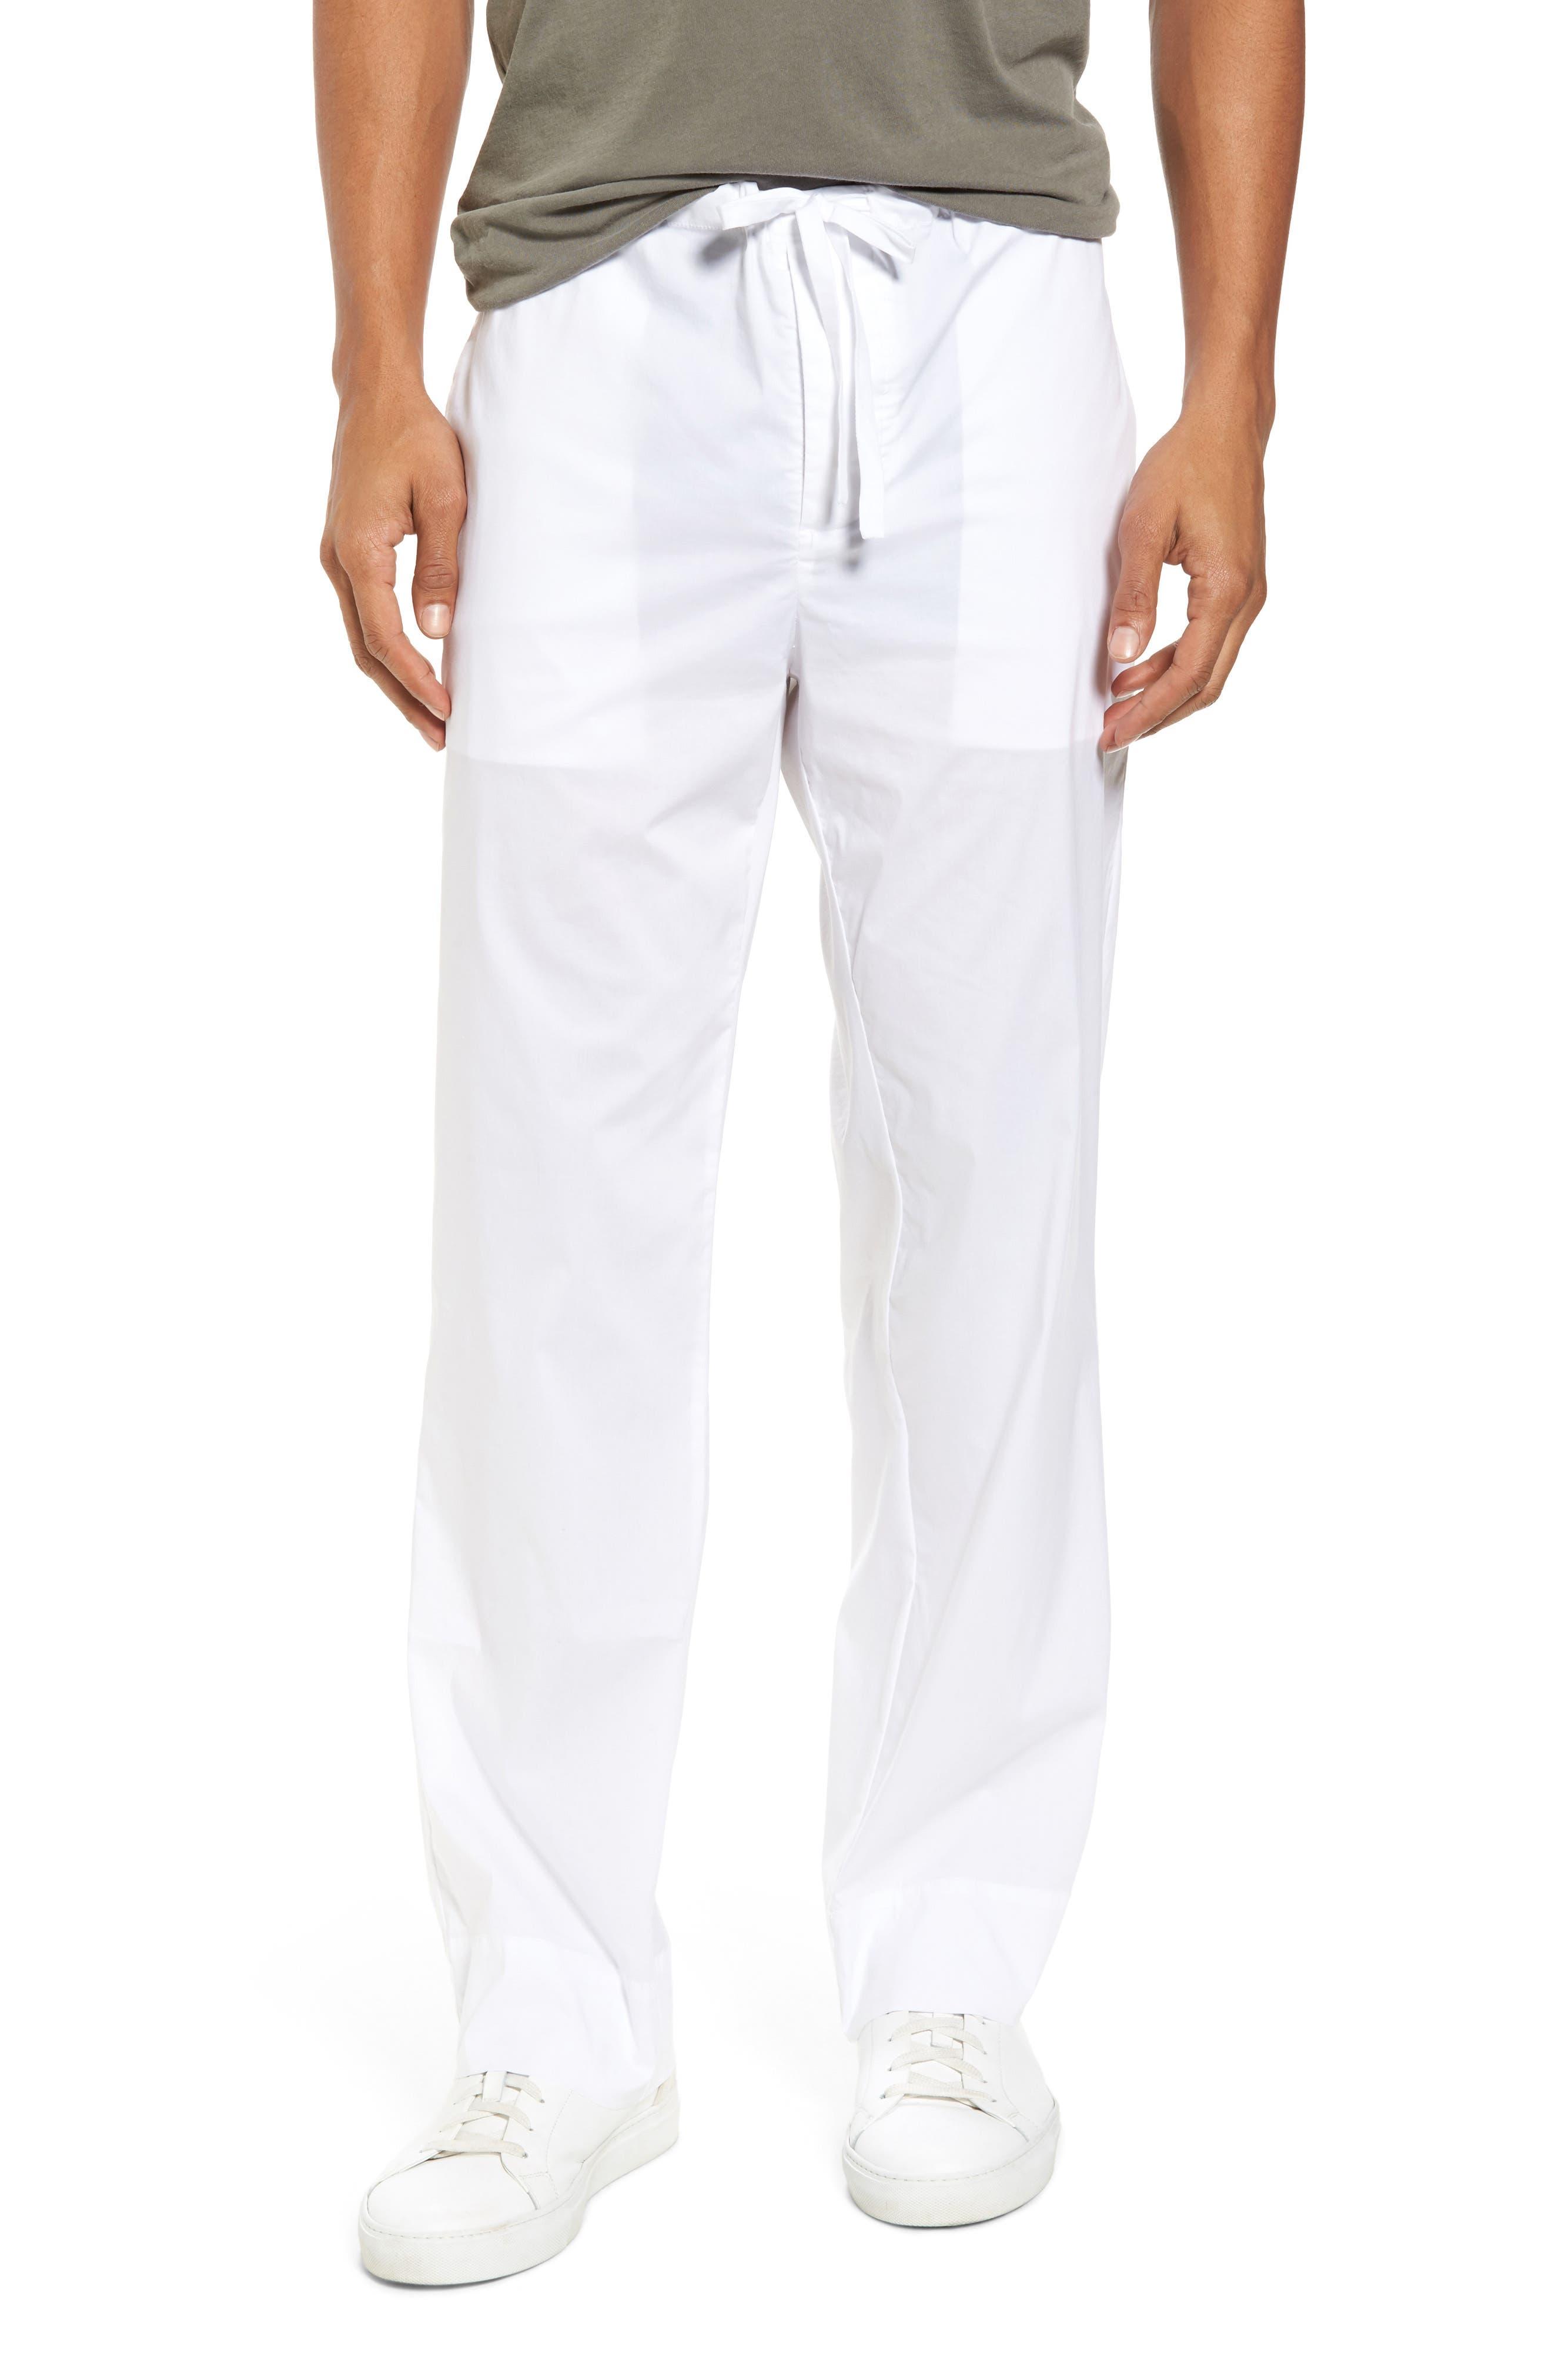 Drawstring Waist Pants,                         Main,                         color, 100